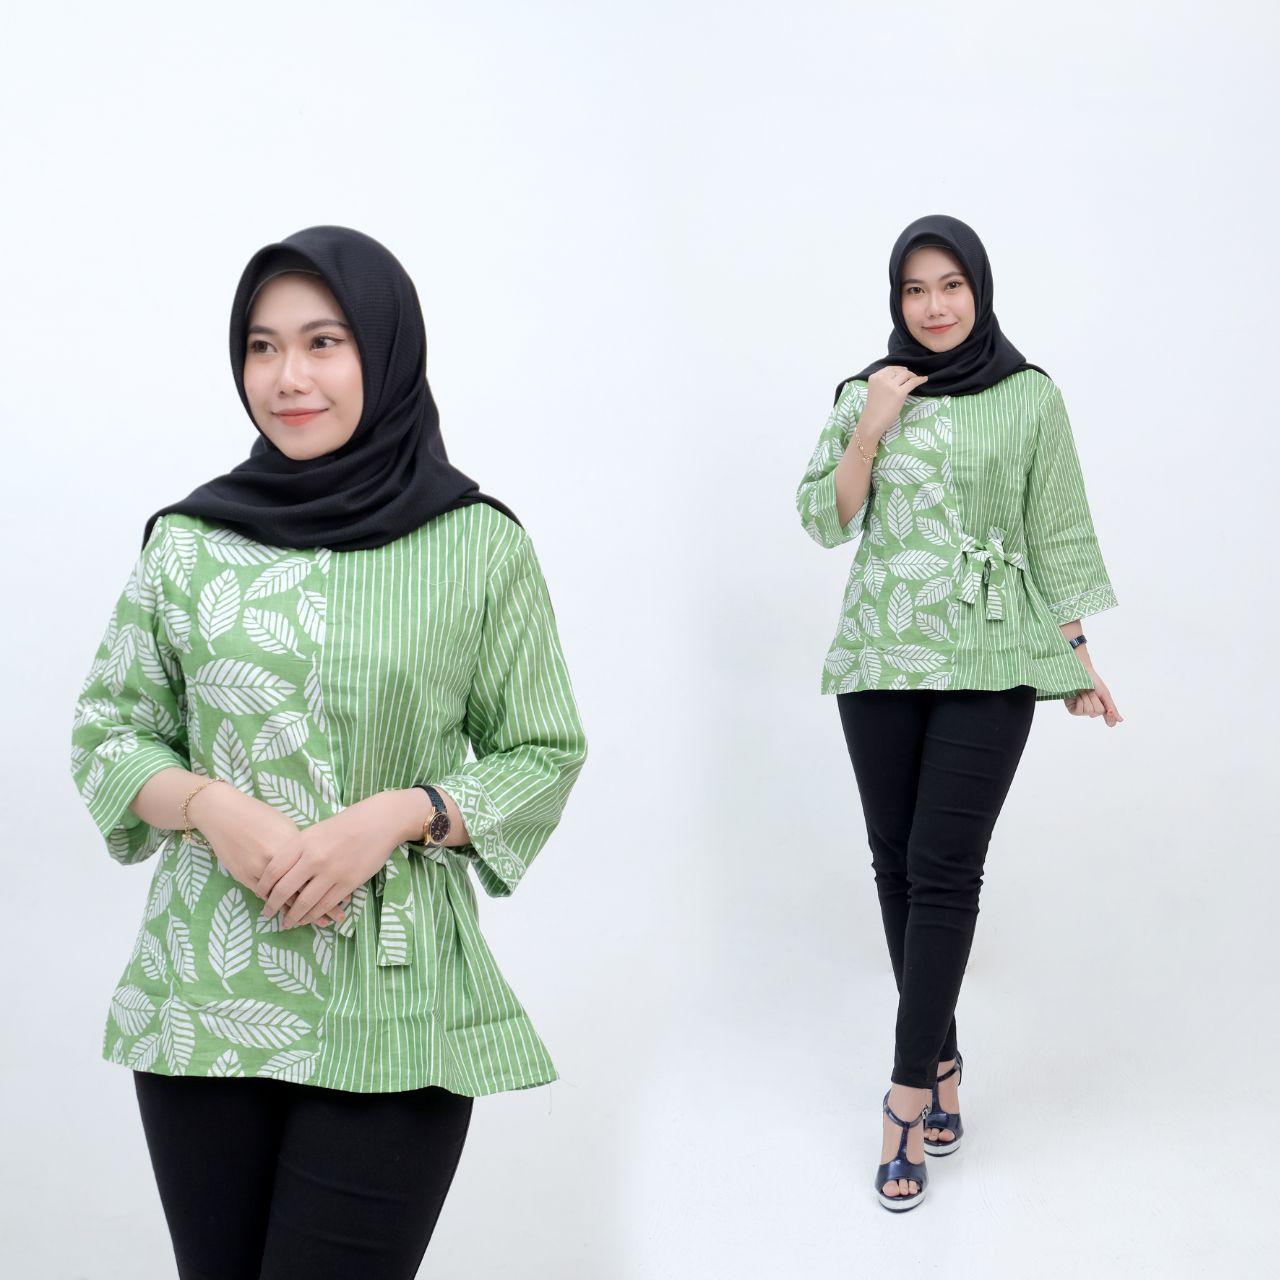 Baju Batik Wanita Atasan Blus Batik Pekalongan Murah Kemeja Lengan 11/11 Tali  Samping Motif Blues Soft